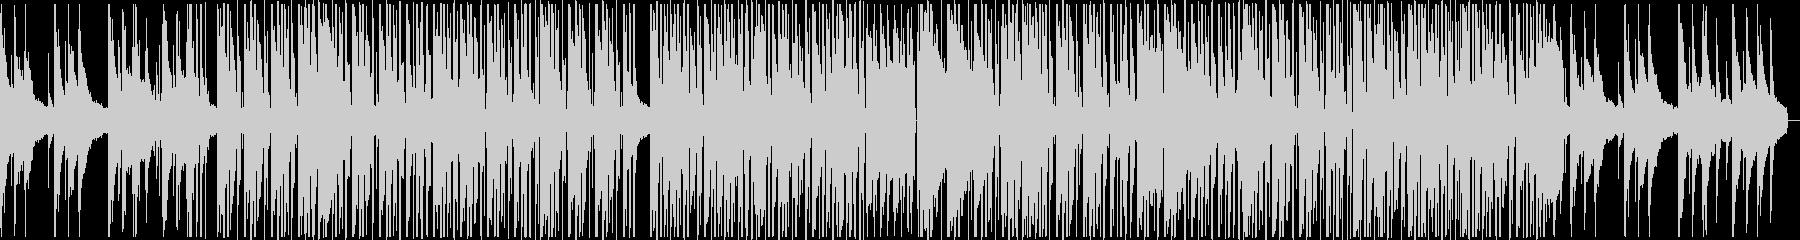 夕暮れの公園で聴きたいHiphopBGMの未再生の波形